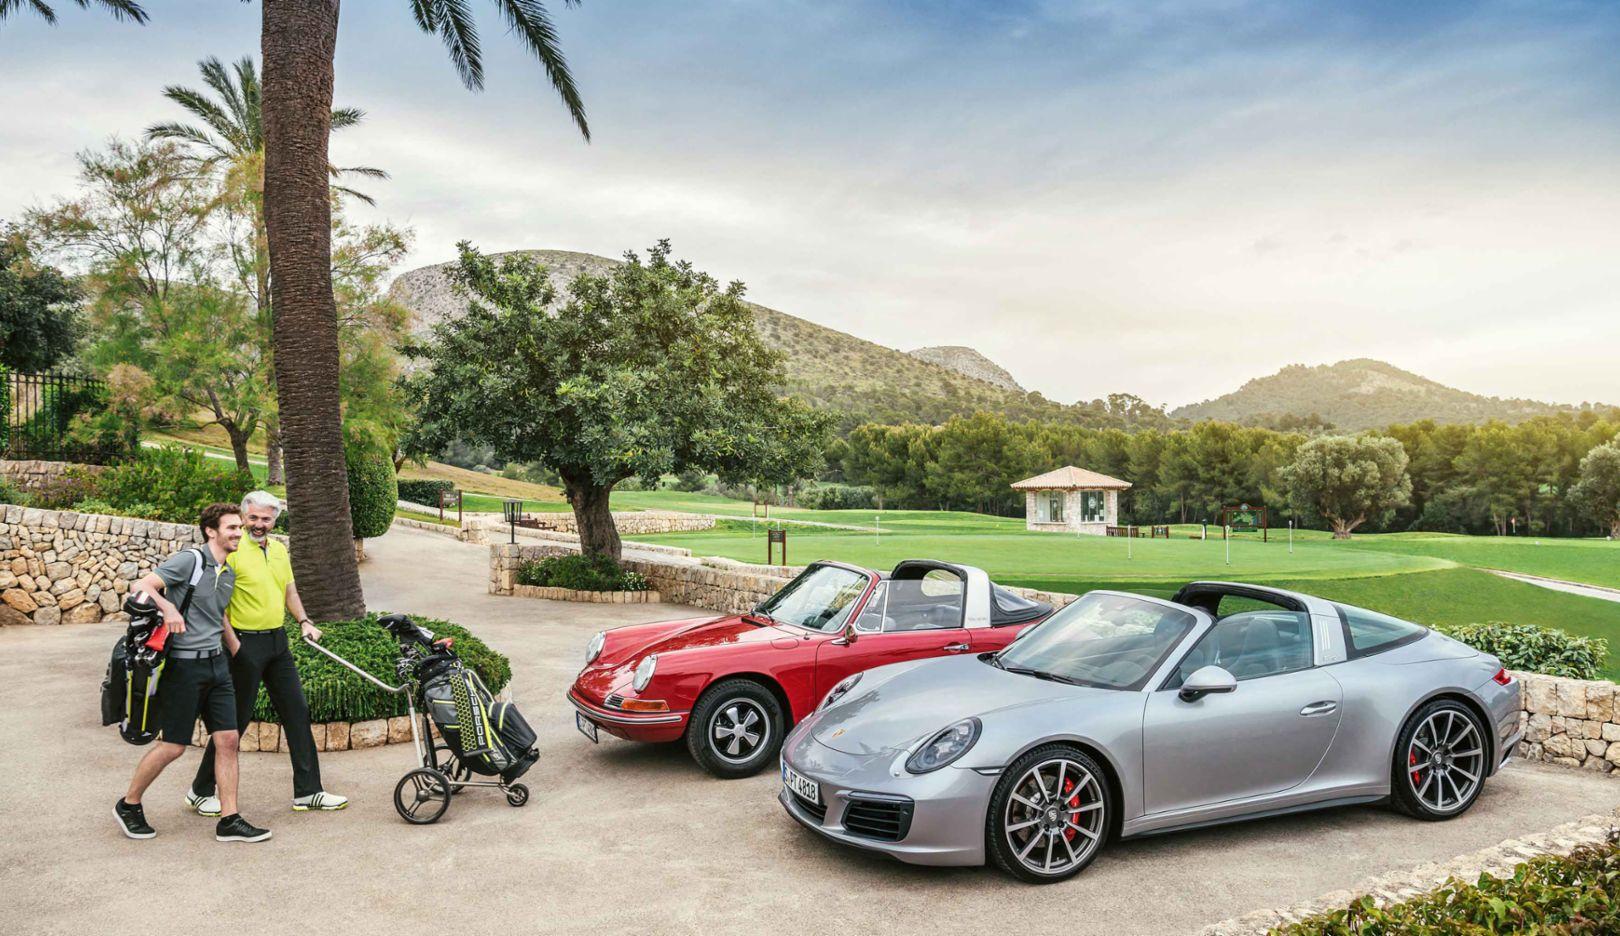 Porsche Generations Open, Amateurgolf-Turnierserie, 2016, Porsche AG